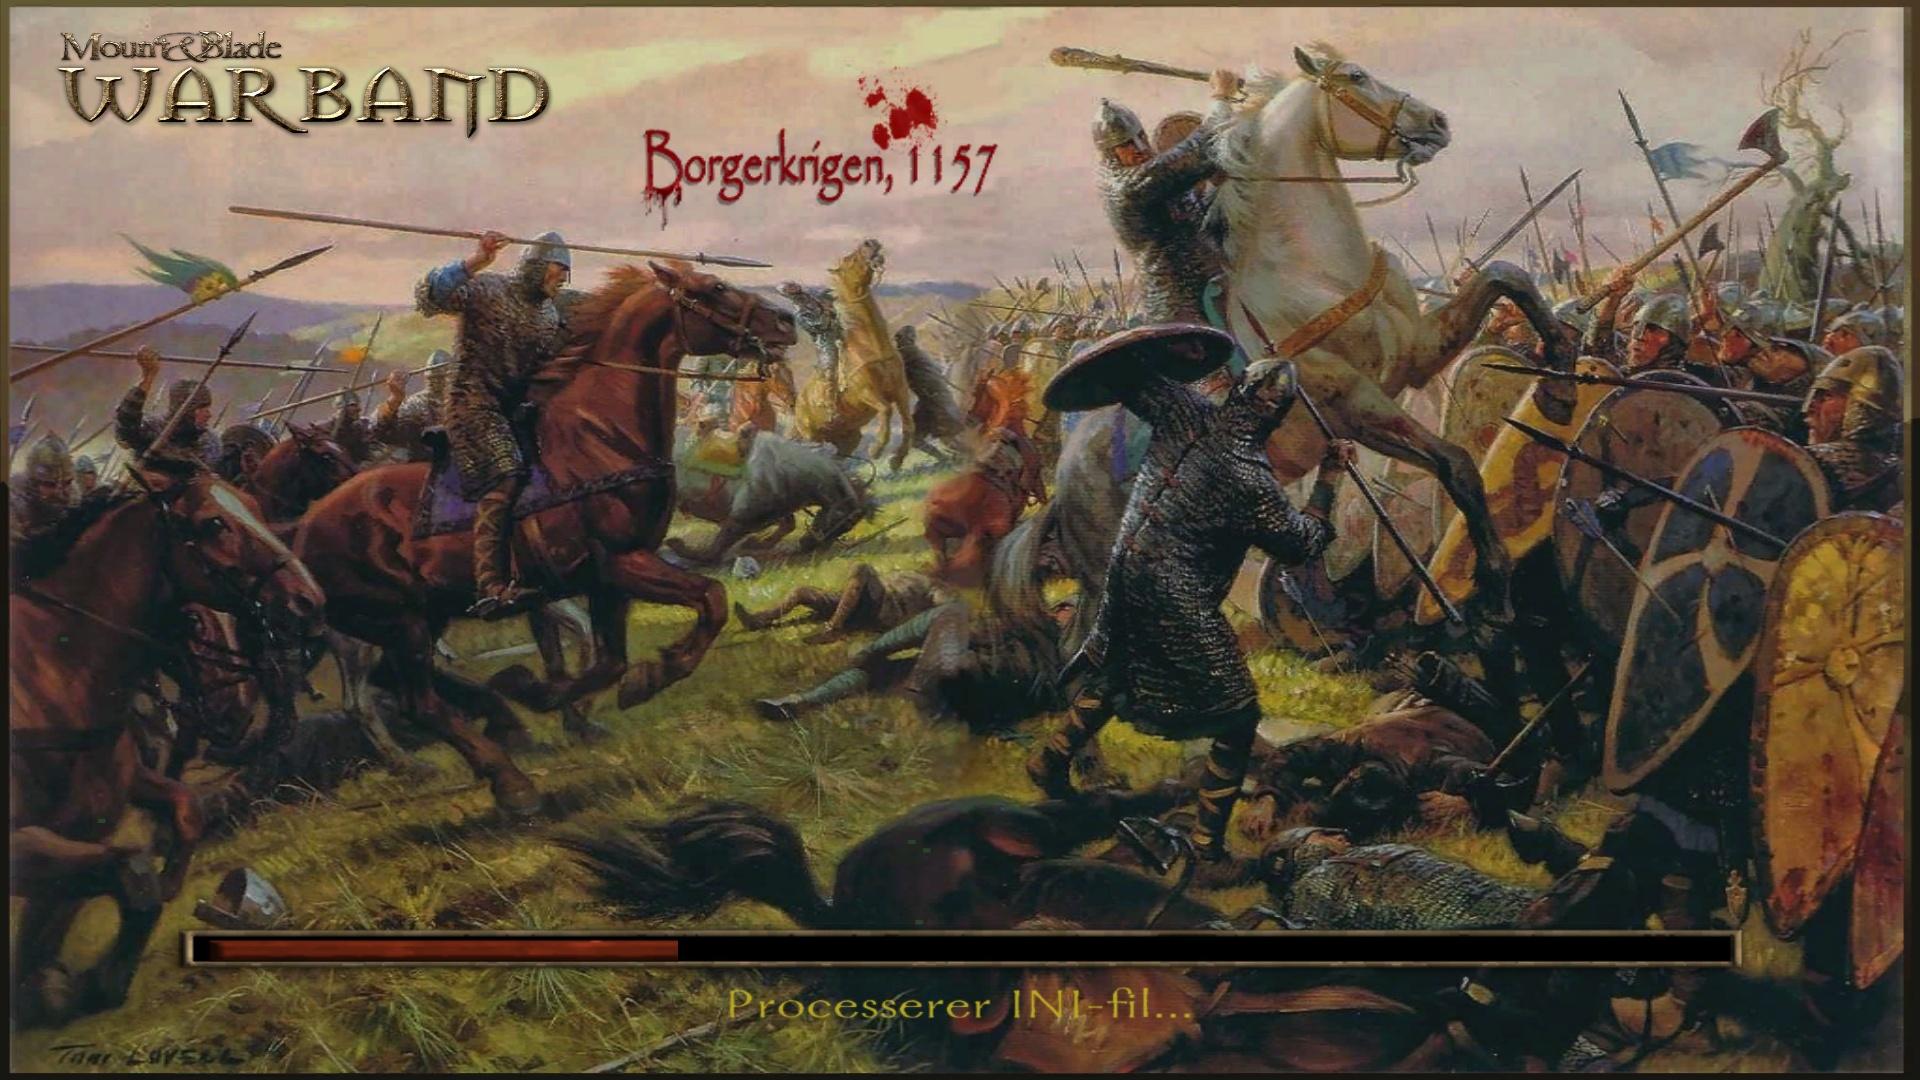 [SP][EN] Borgerkrigen 1157 (La guerra civil danesa 1157) Mb1